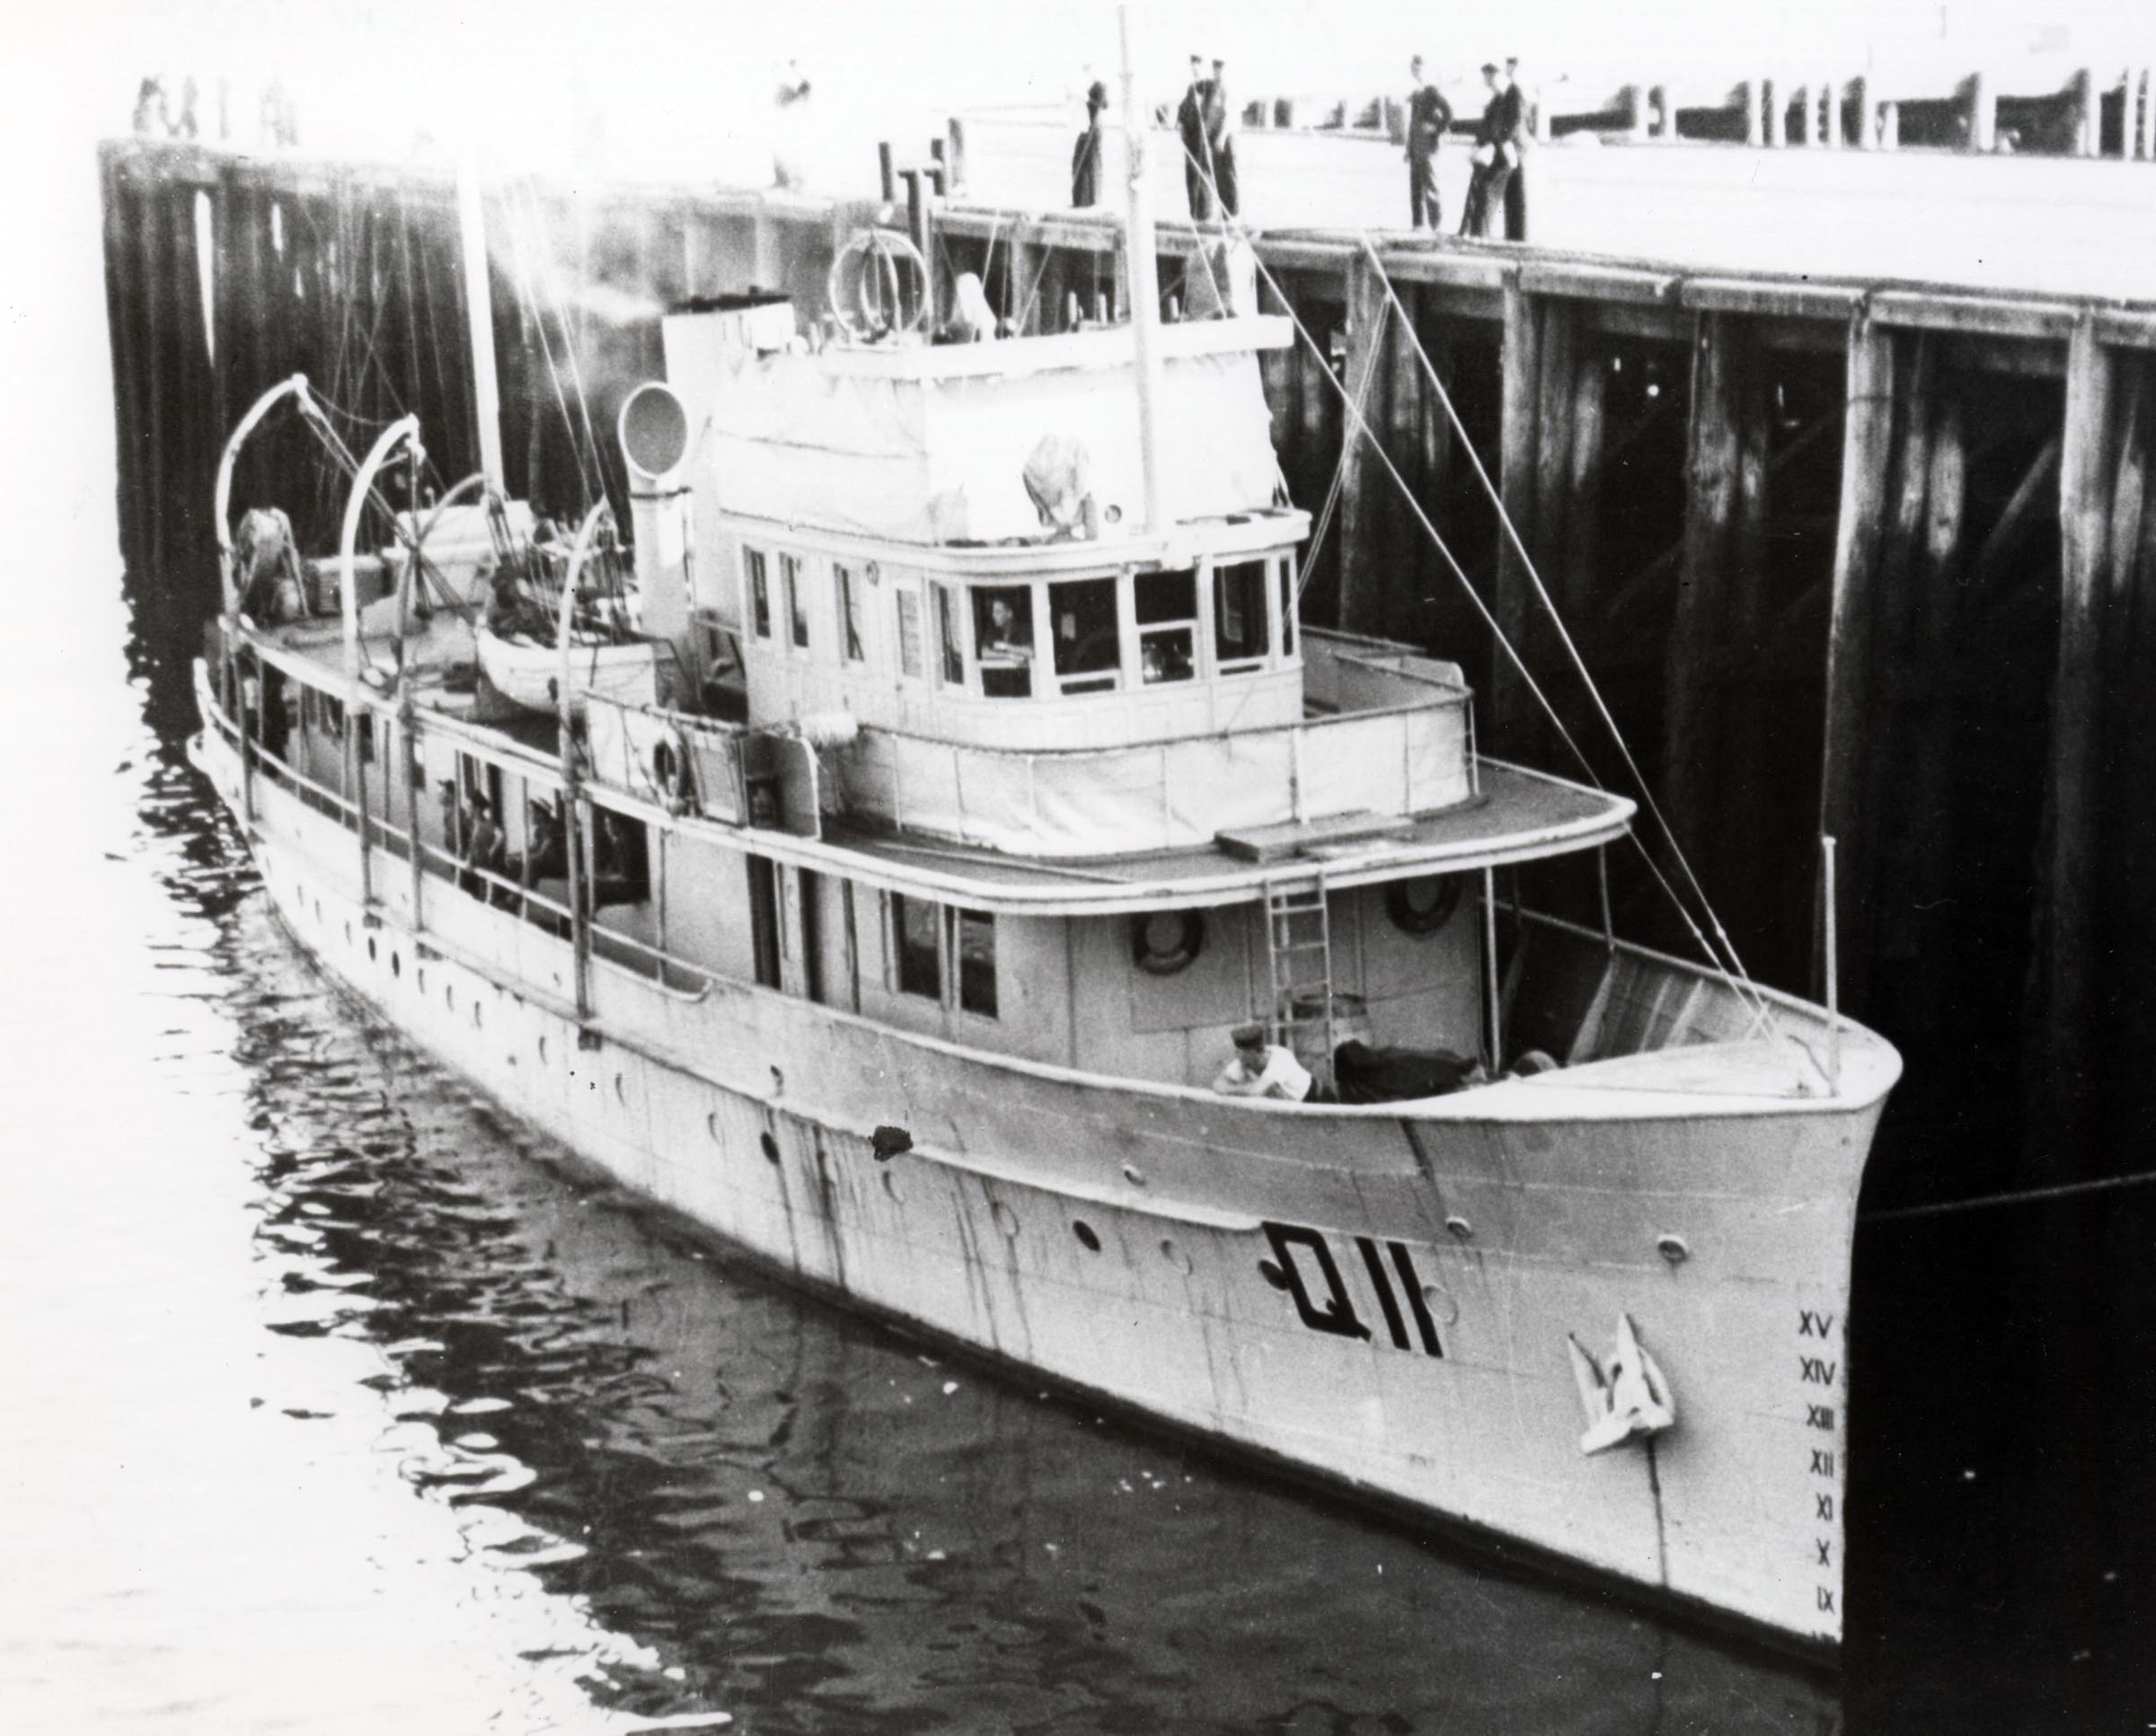 HMCS AMBLER